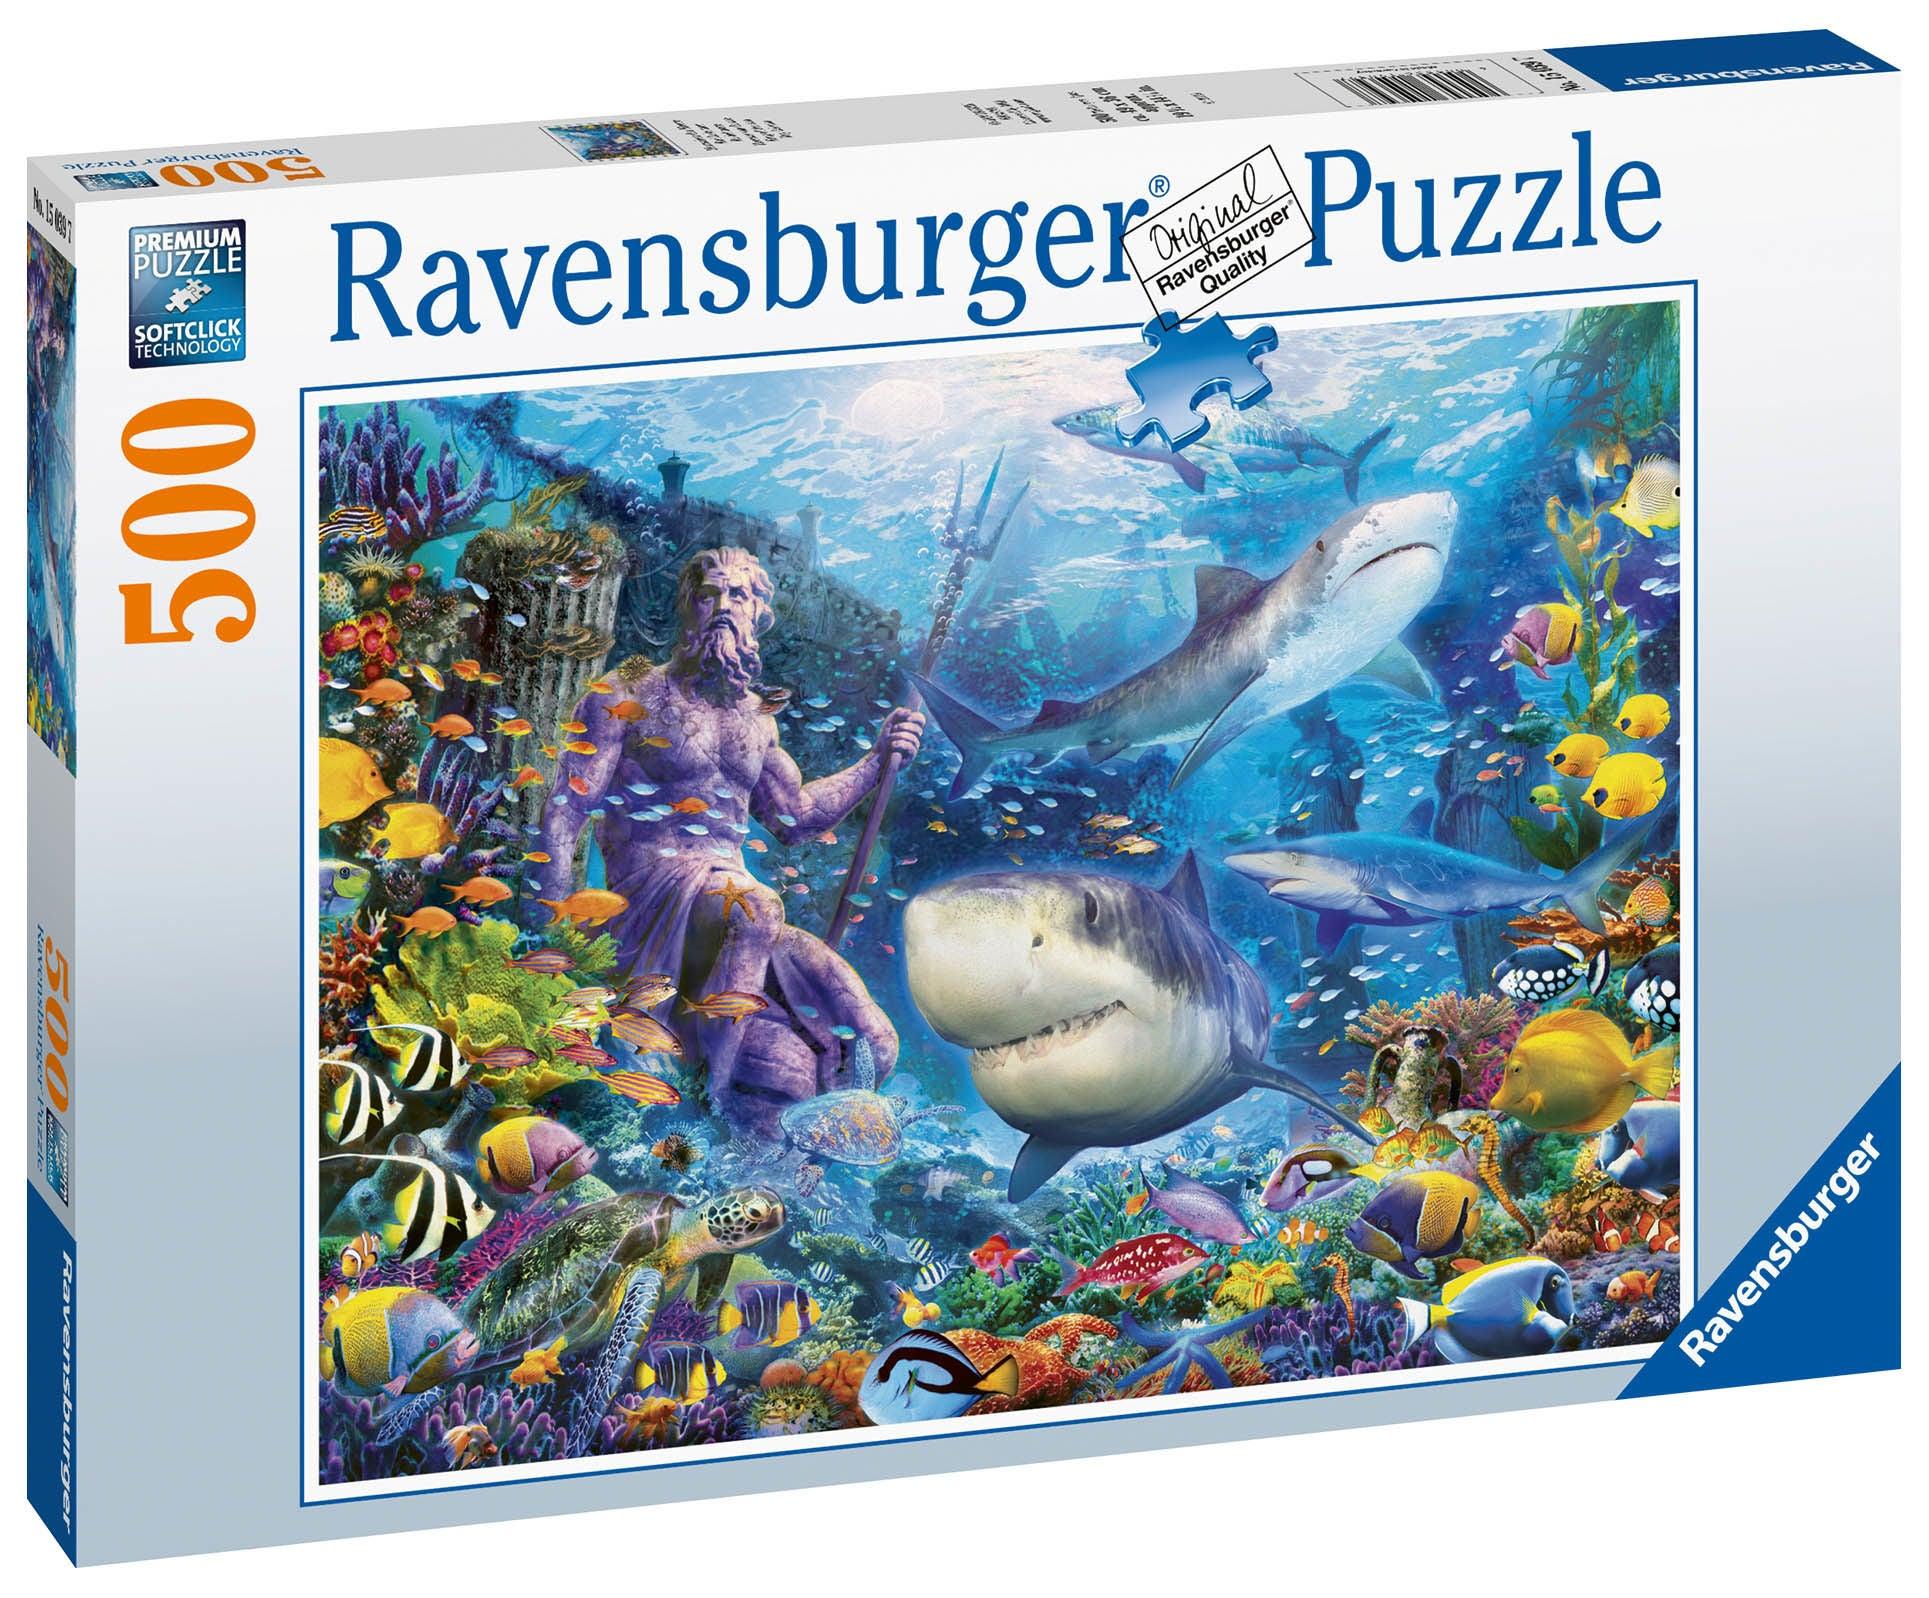 Ravensburger Pussel Havets Konung 500 Bitar